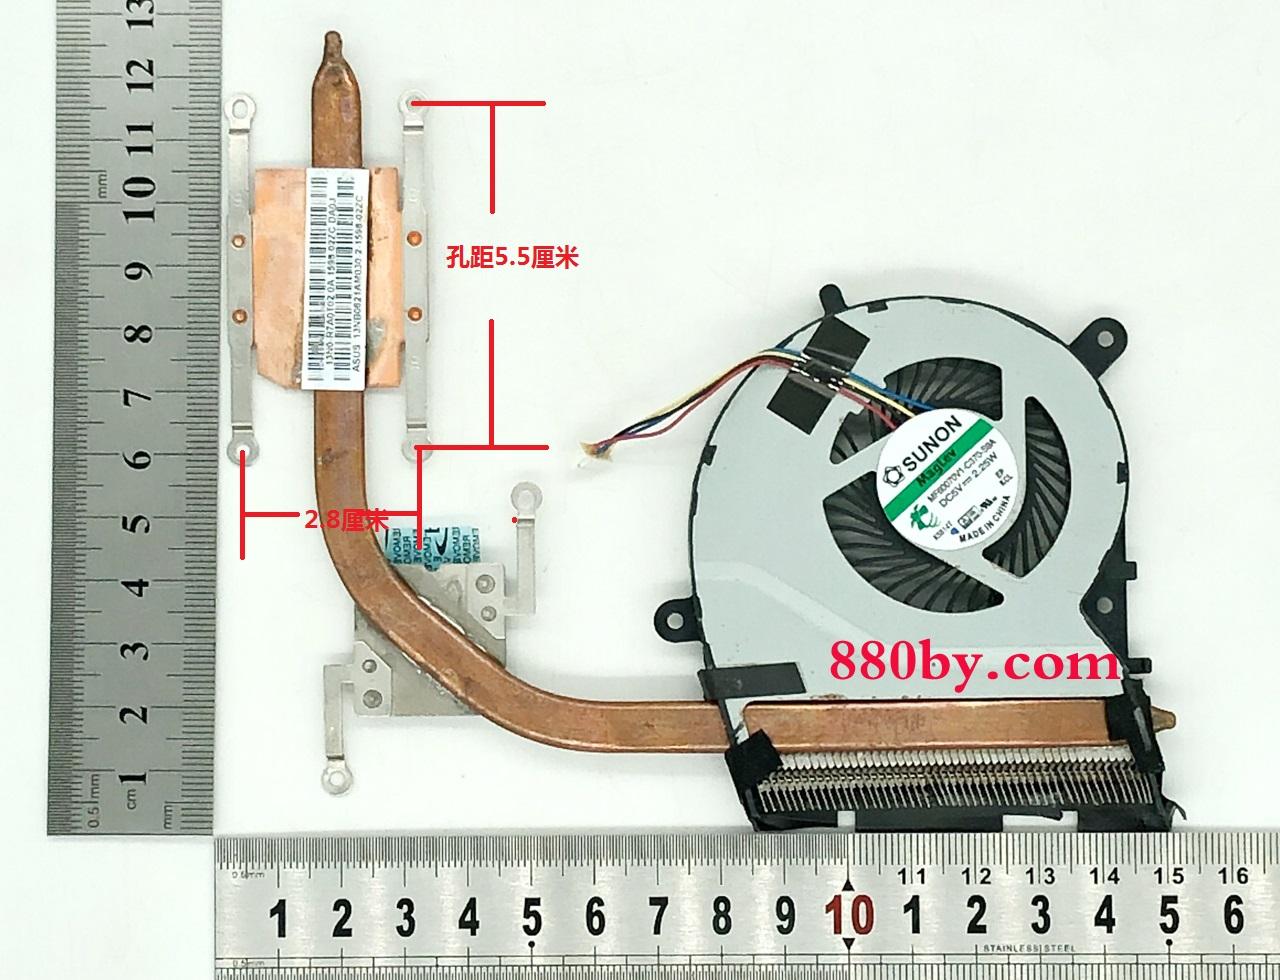 13N0-R7A0T02 Asus f554ld x554l k555ld LA LN LP 散热风扇 模组 铜管